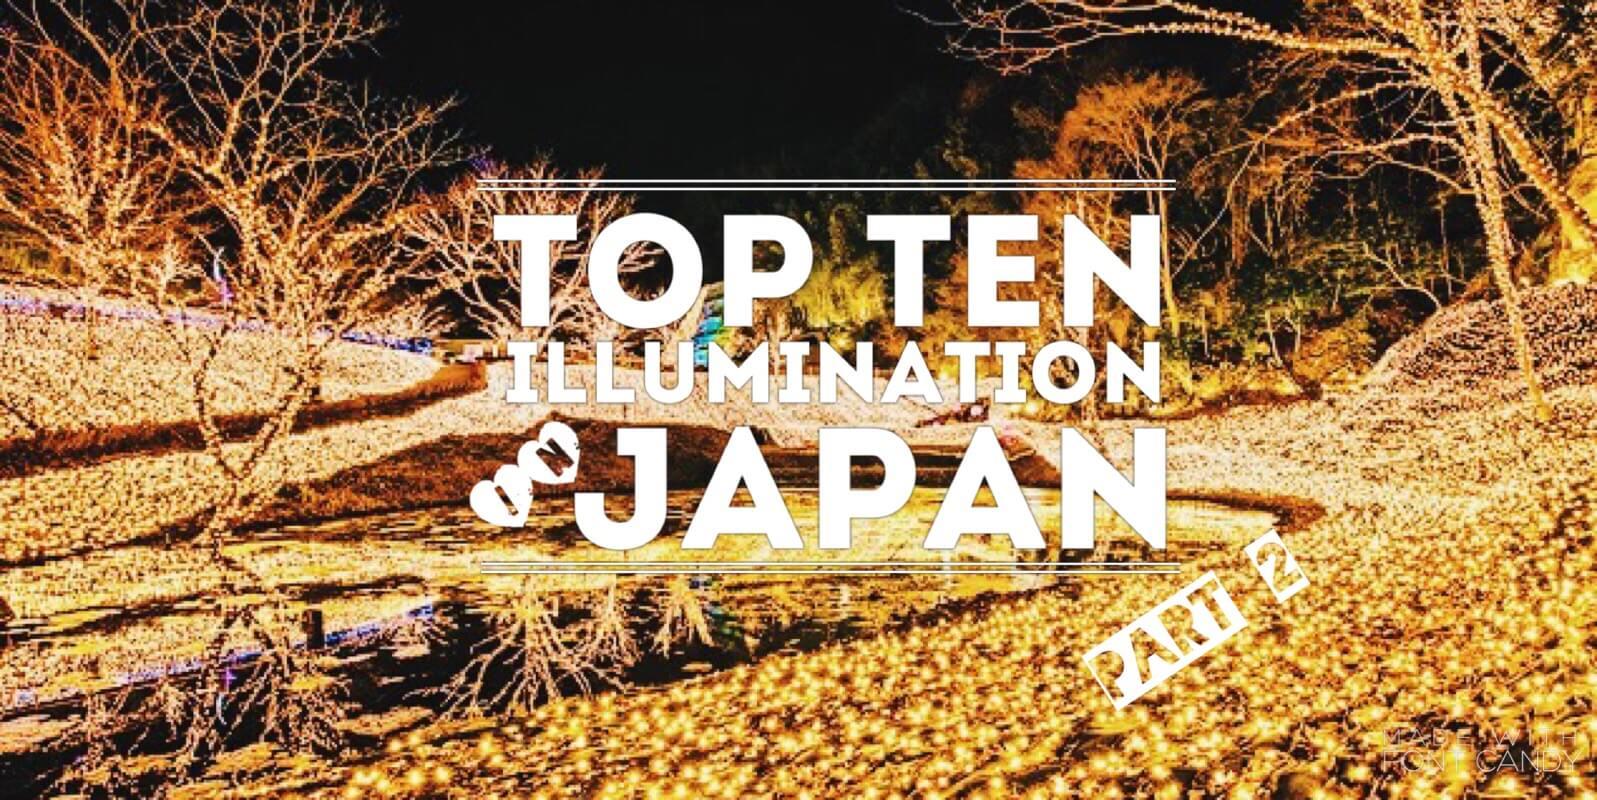 10 สถานที่ชม Illumination ประดับไฟสุดอลังการในญี่ปุ่น Part 2